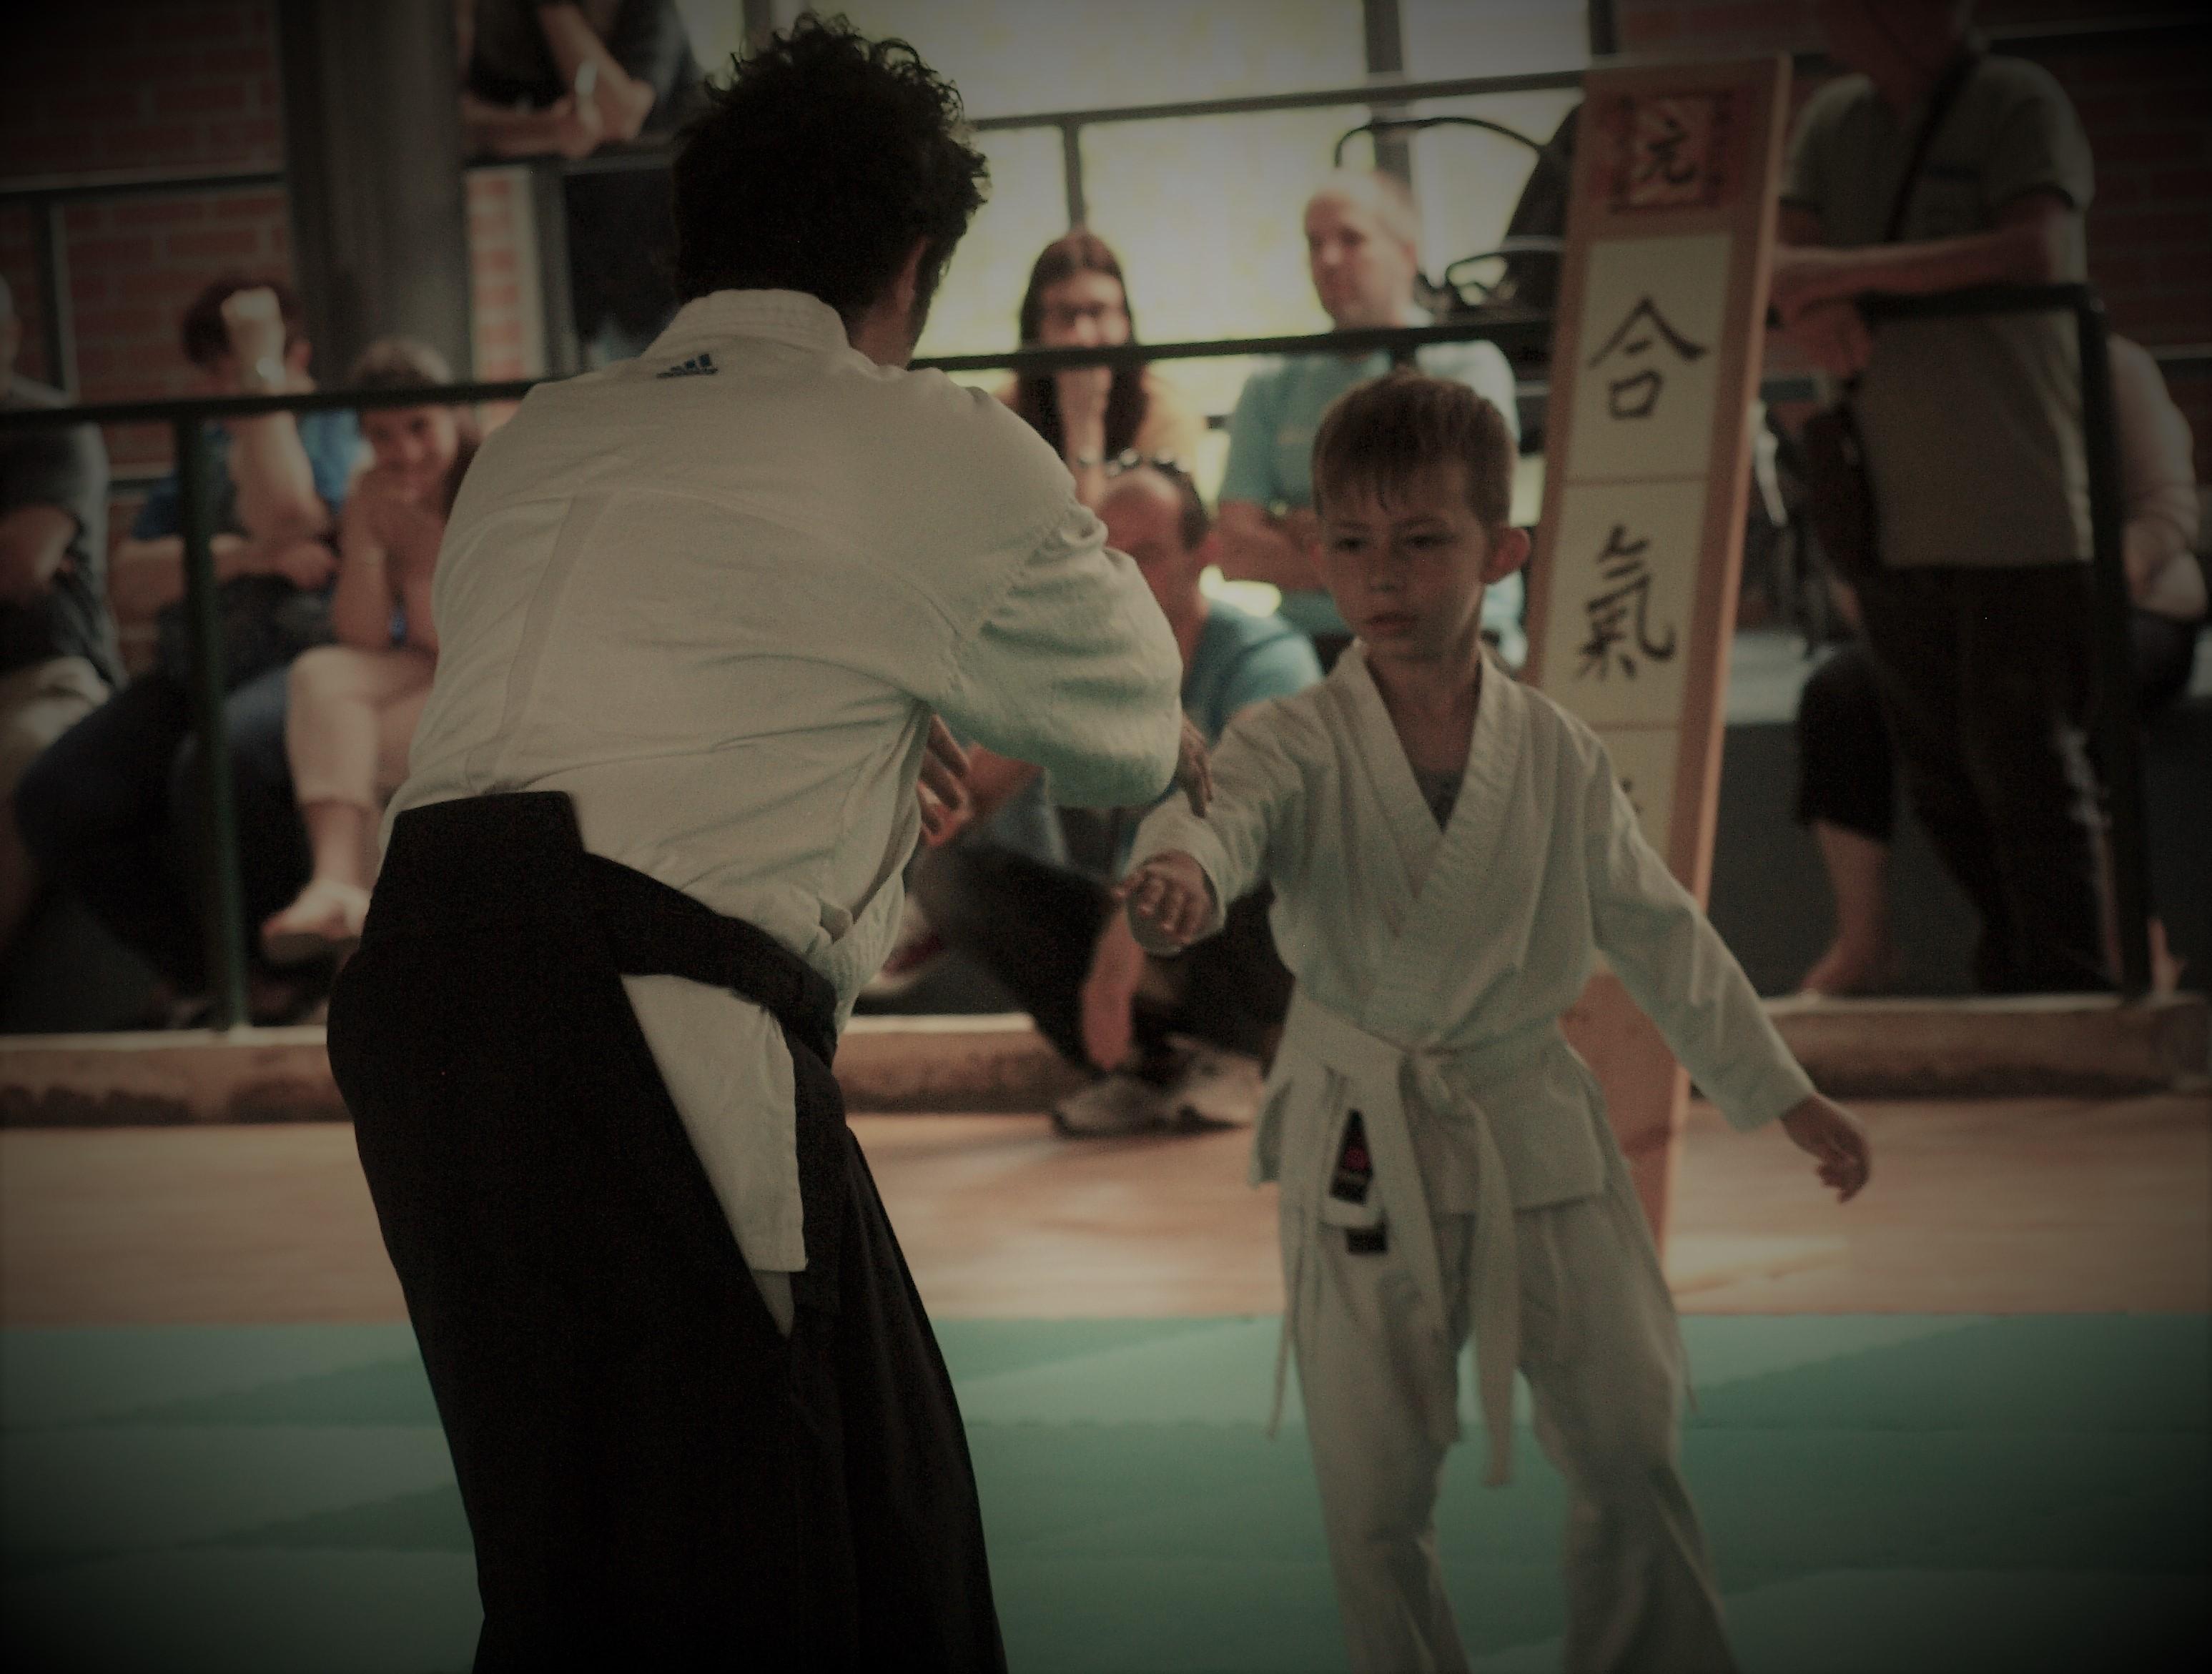 esami_Aikido_1°_corso_(75)